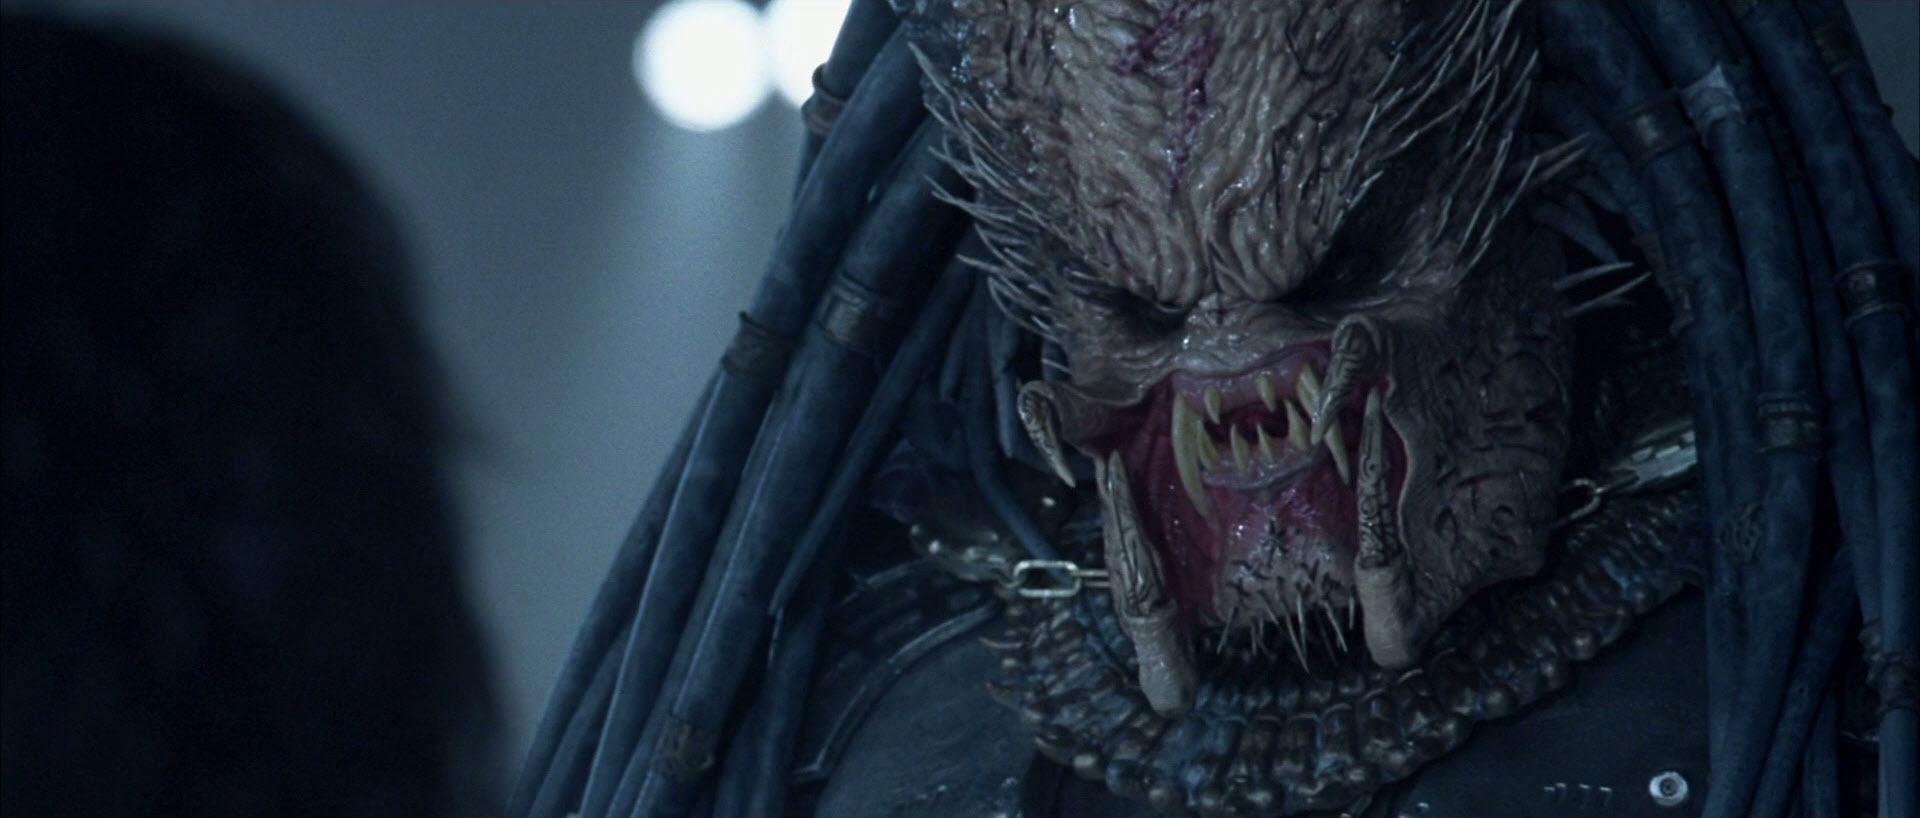 Xenomorph Vs Deacon Ancient (Predator)   A...